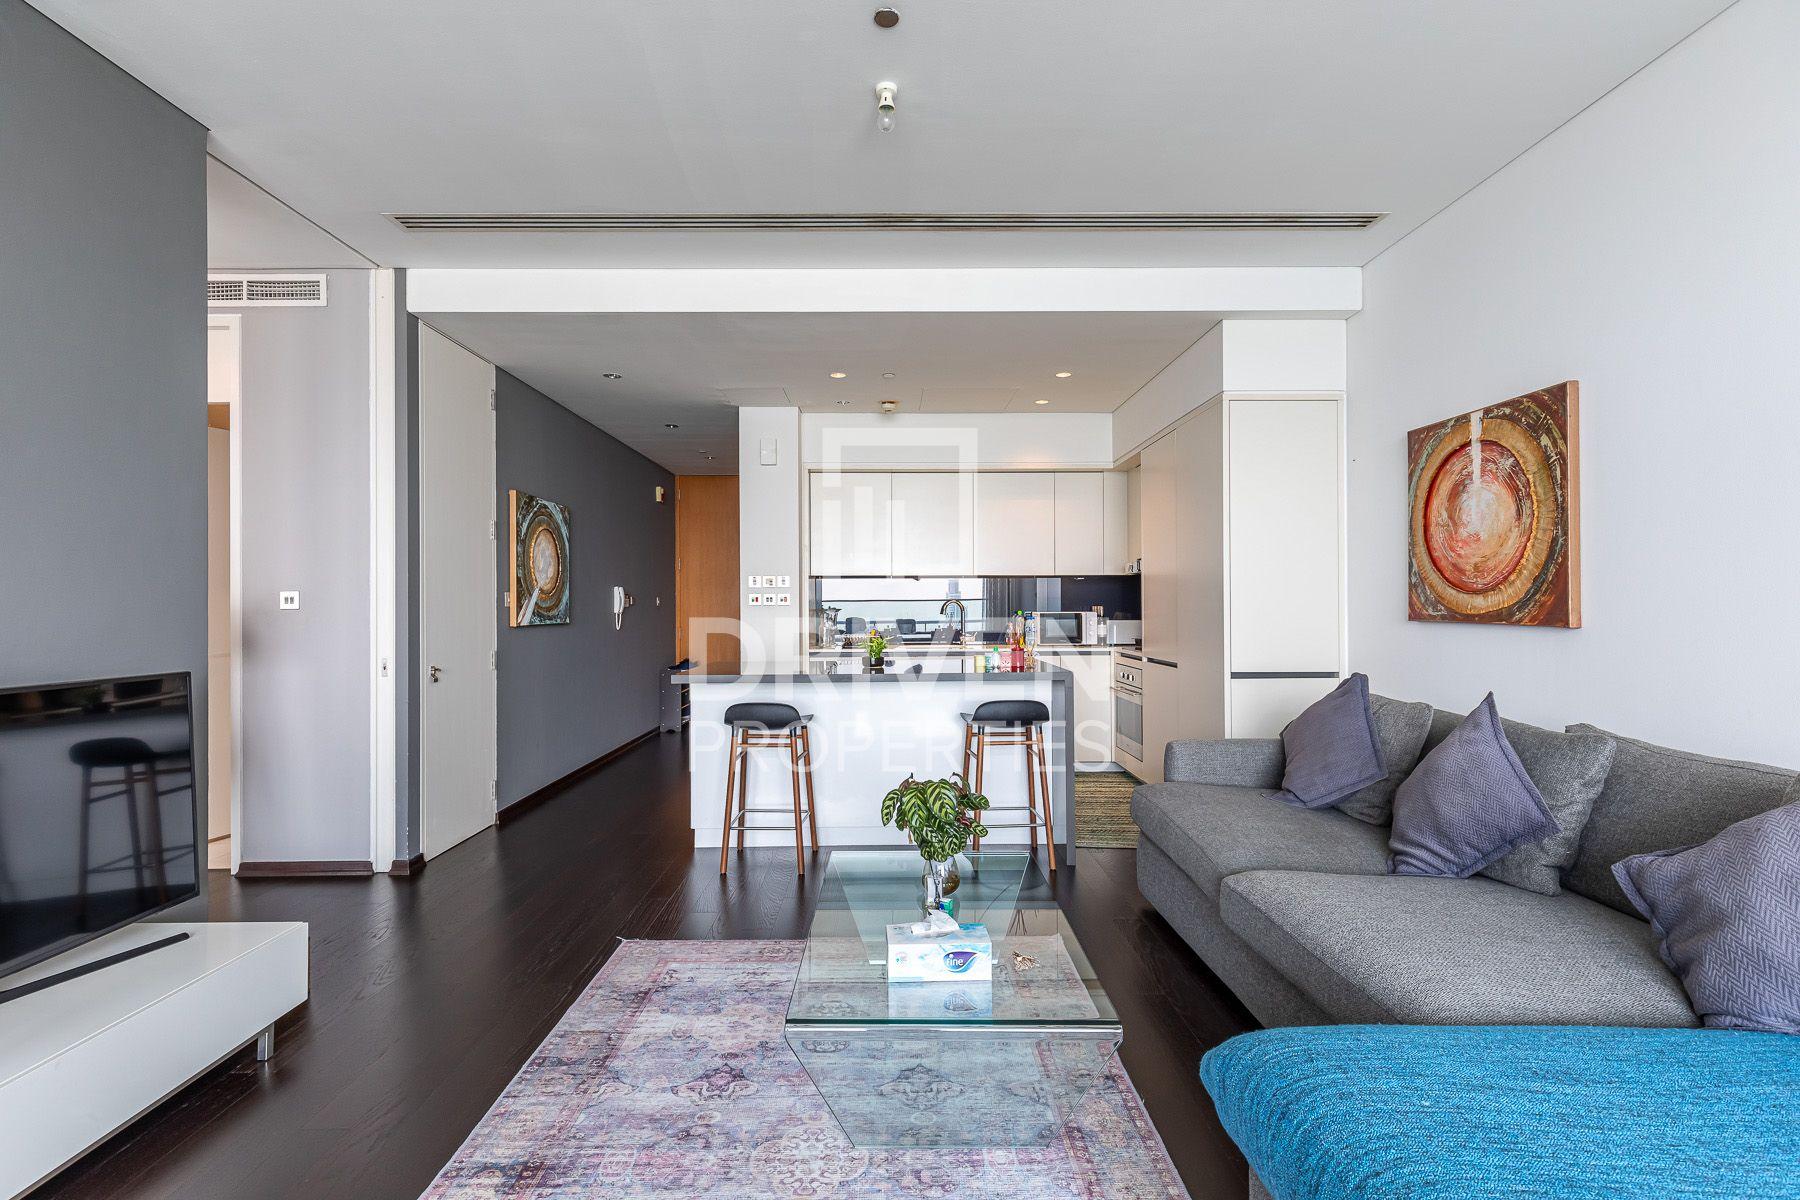 1,013 قدم مربع  شقة - للبيع - مركز دبي المالي العالمي